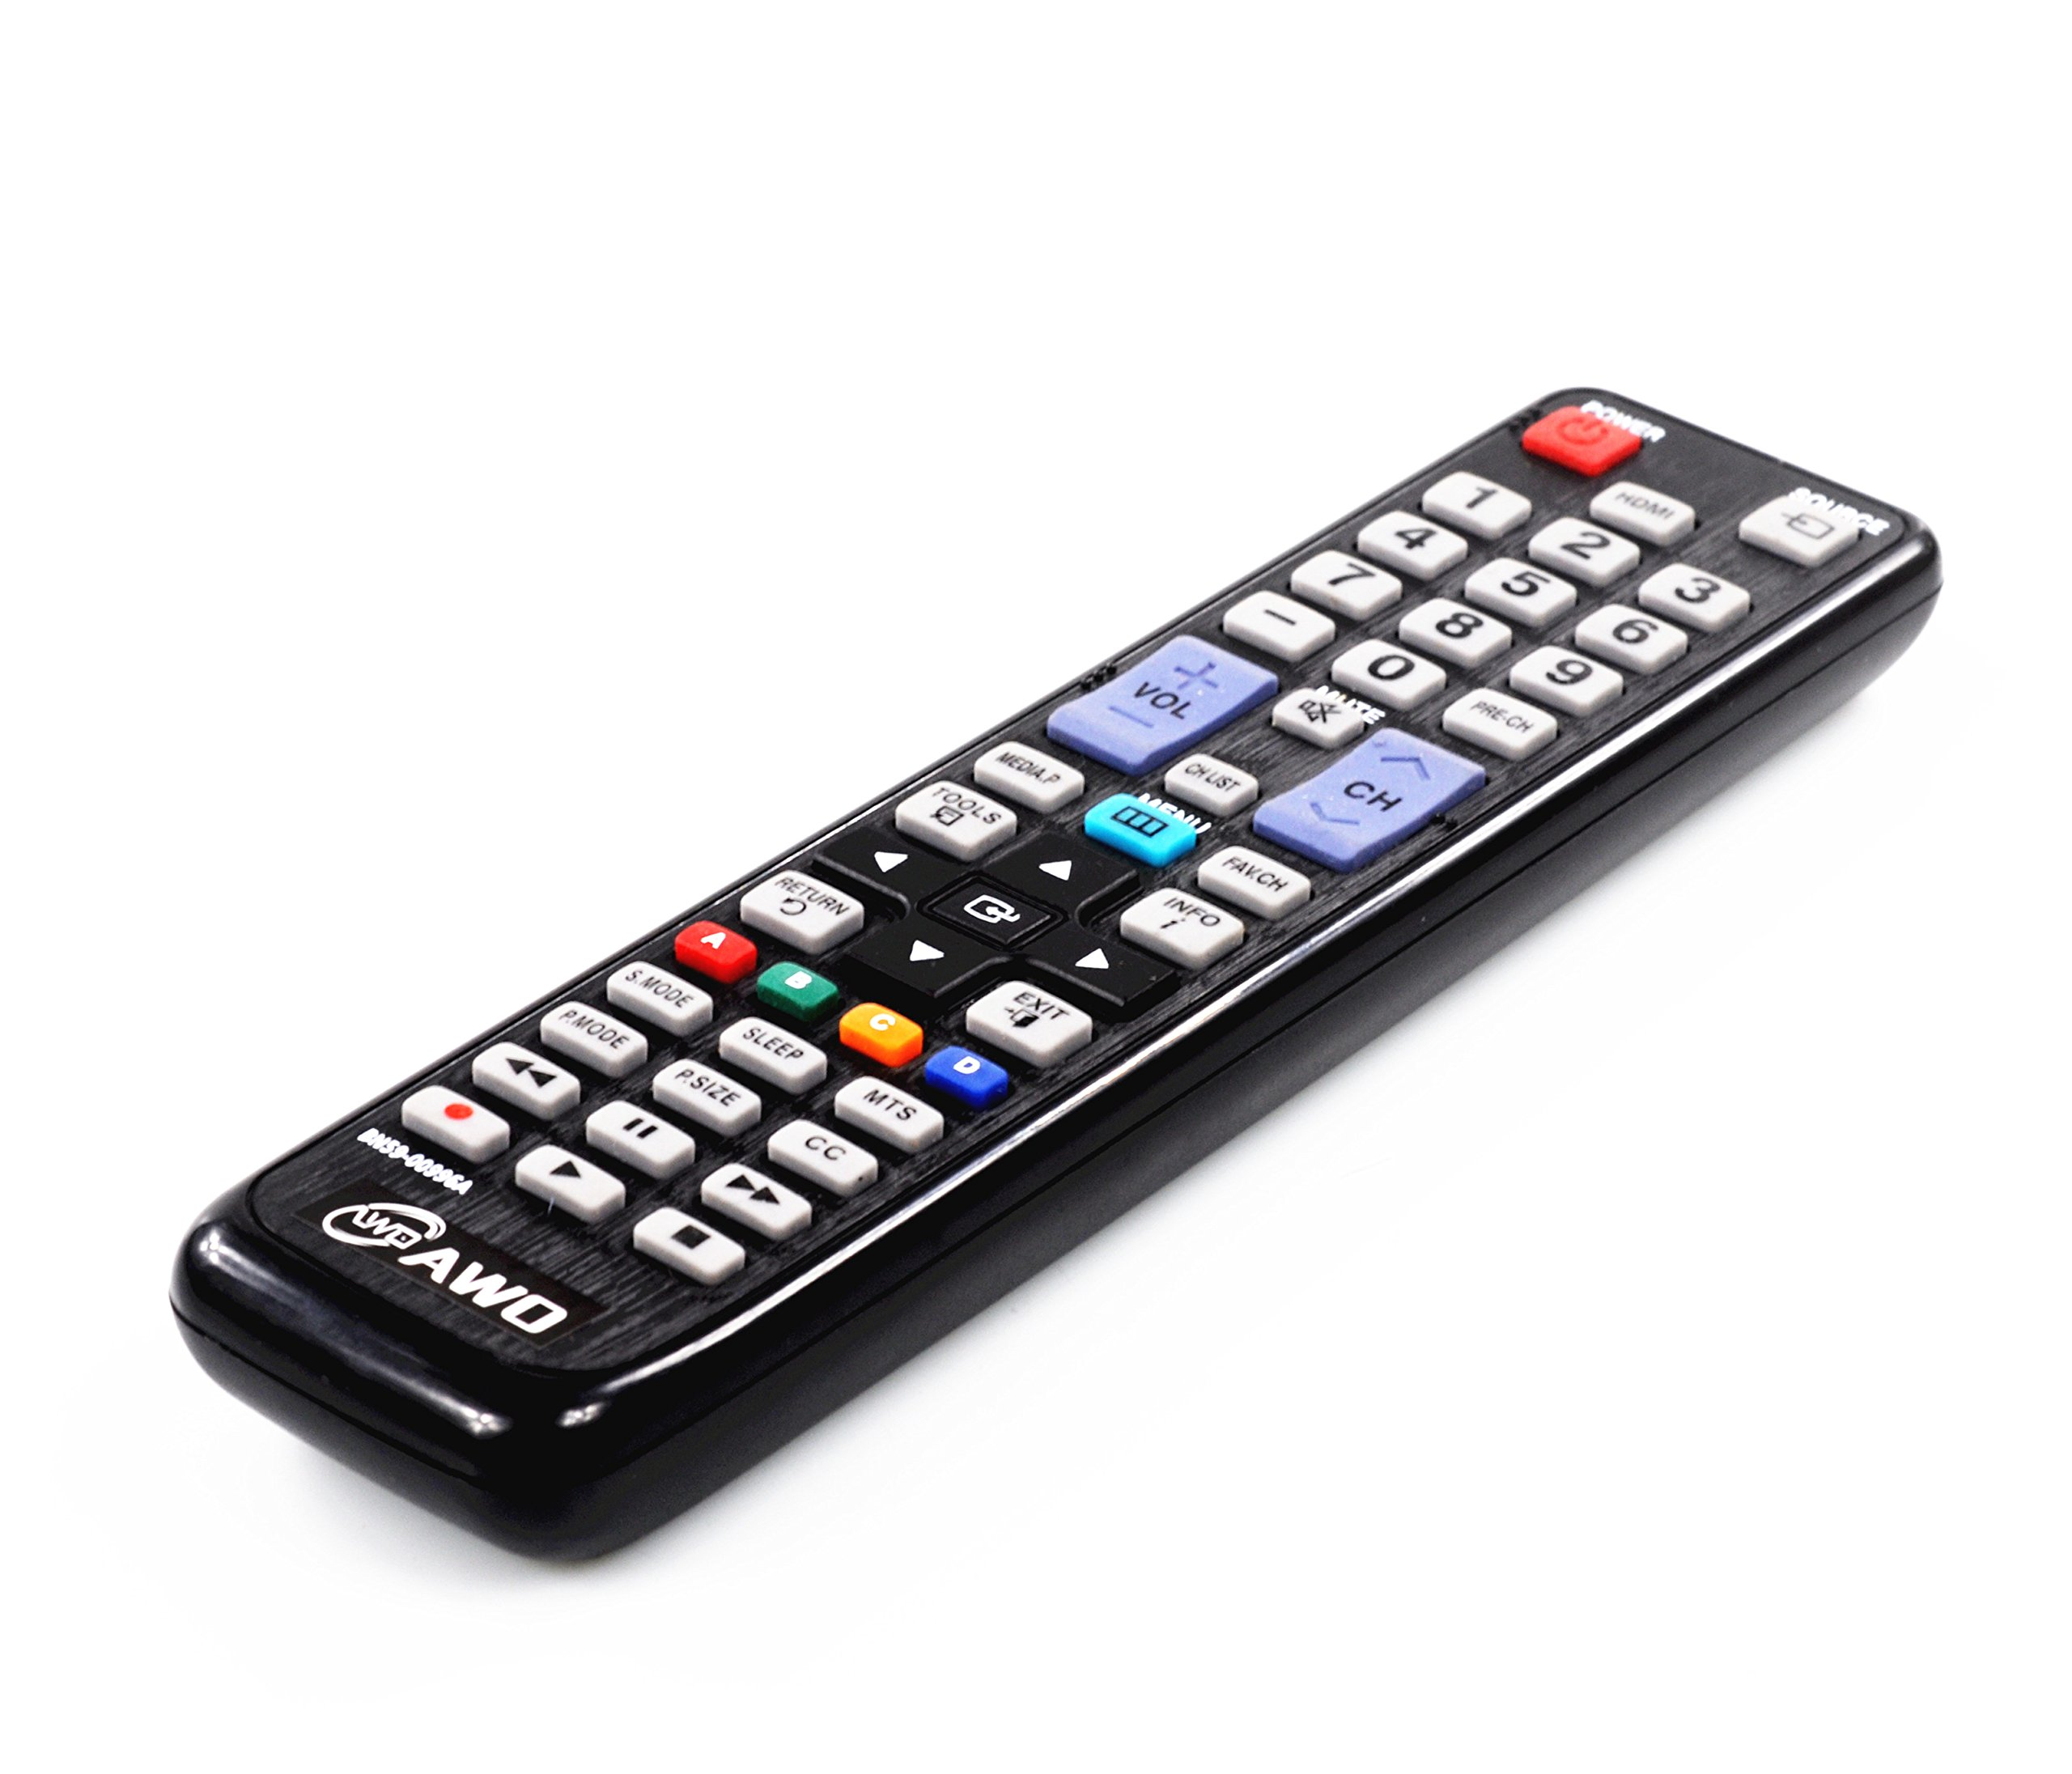 AWO BN59-00996A New Replacement TV Remote Control BN59-01178W BN59-00997A BN59-01199F AA59-00594A BN59-01179A AA59-00594A AA59-00600A AA59-00652A AA59-00666A For SAMSUNG UN55HU6830F UN55HU6830FXZA